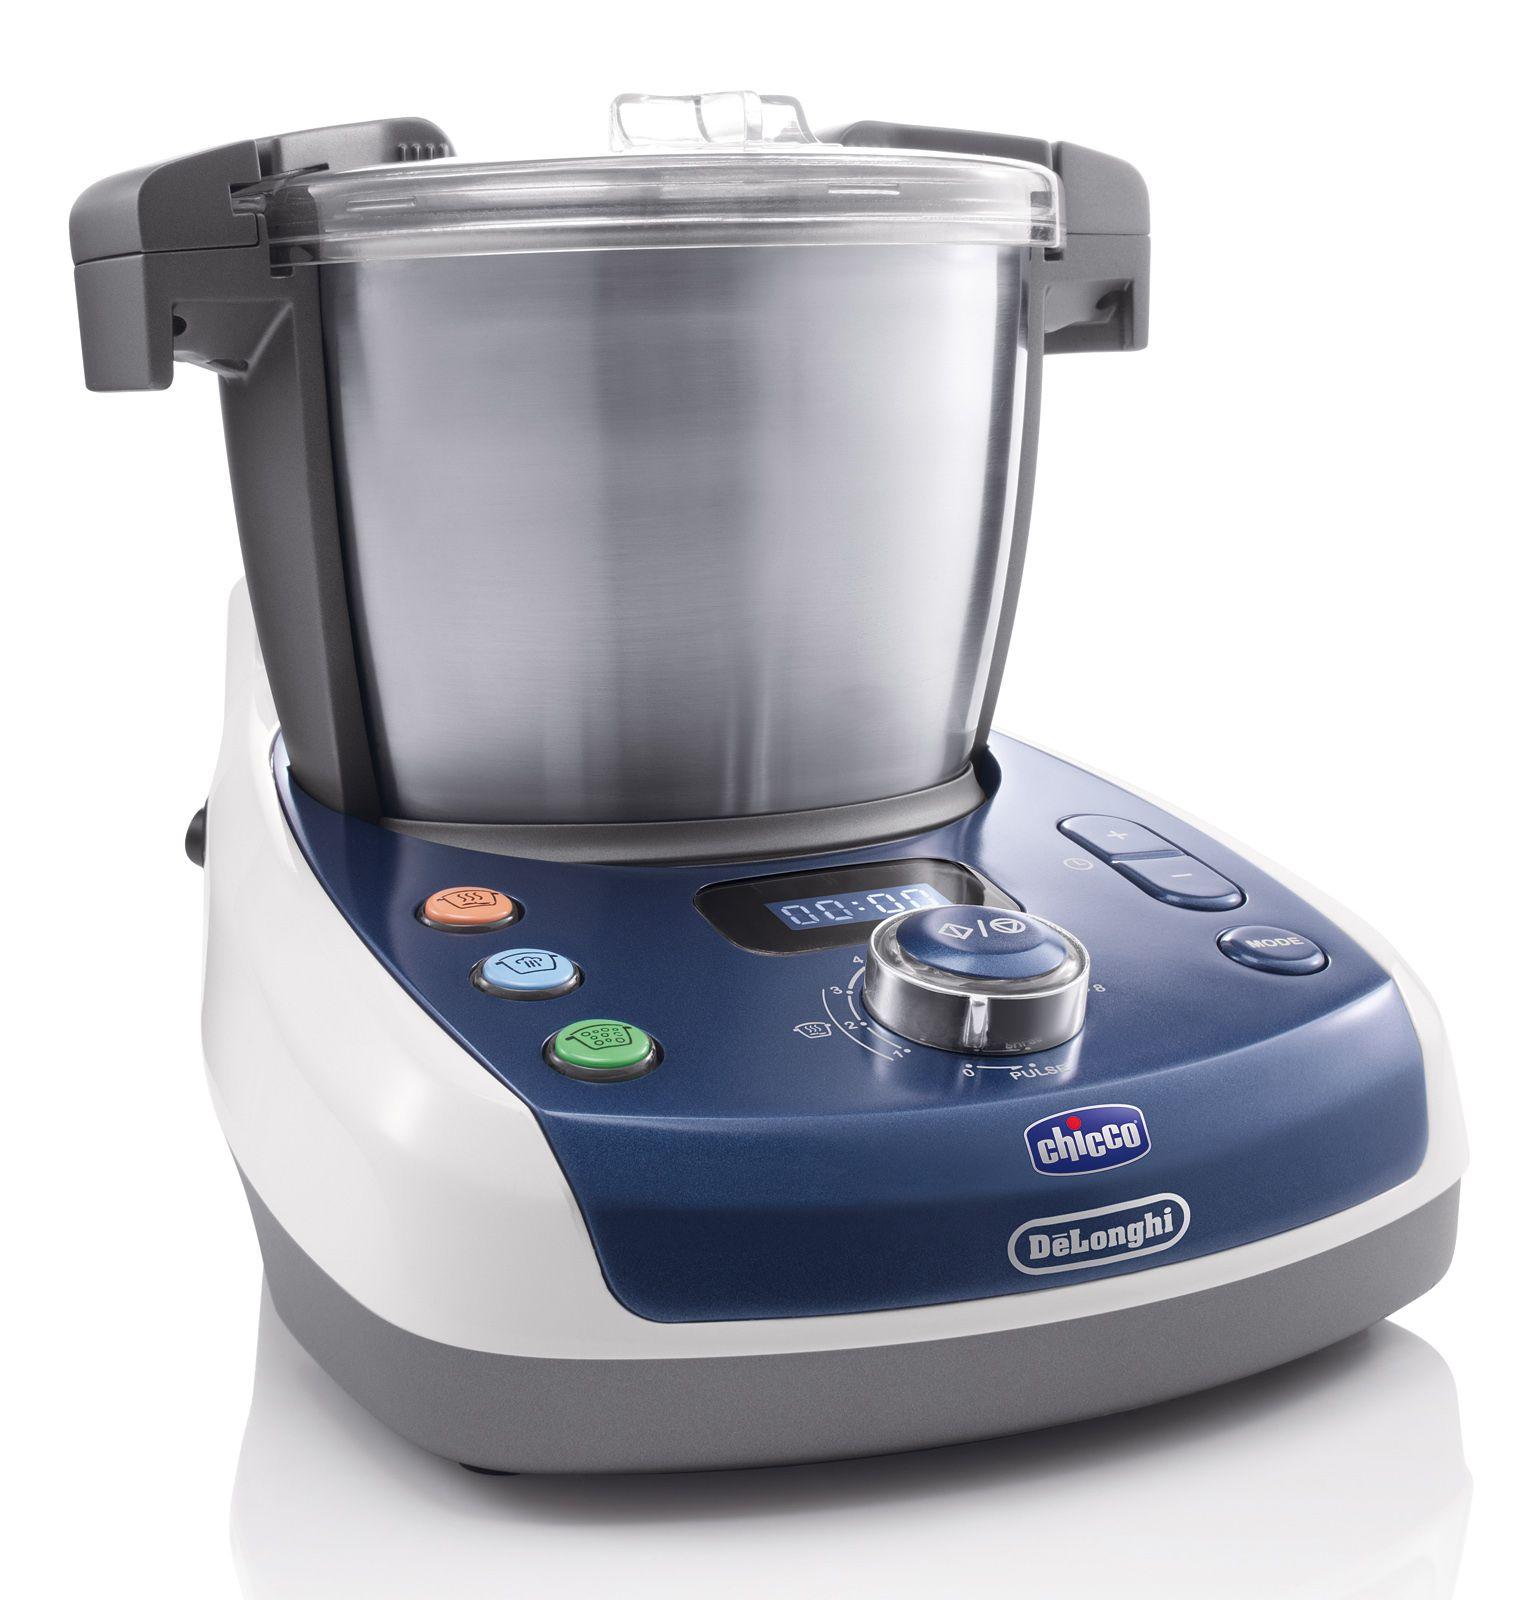 r il robot da utilizzare anche per cucinare la